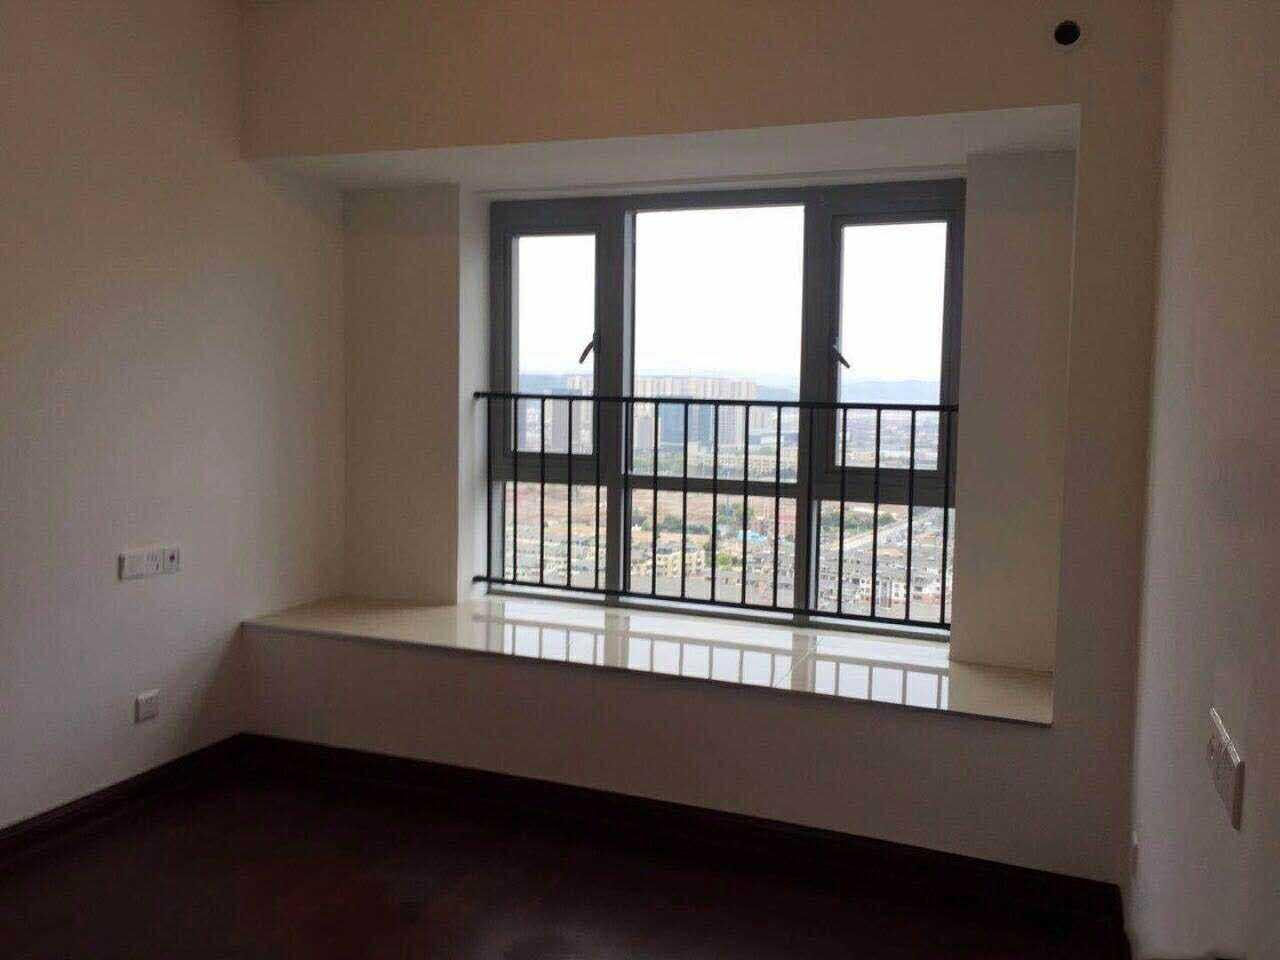 04188:出售碧桂园27楼,面积94.65平方,三室两厅一卫,的实拍照片